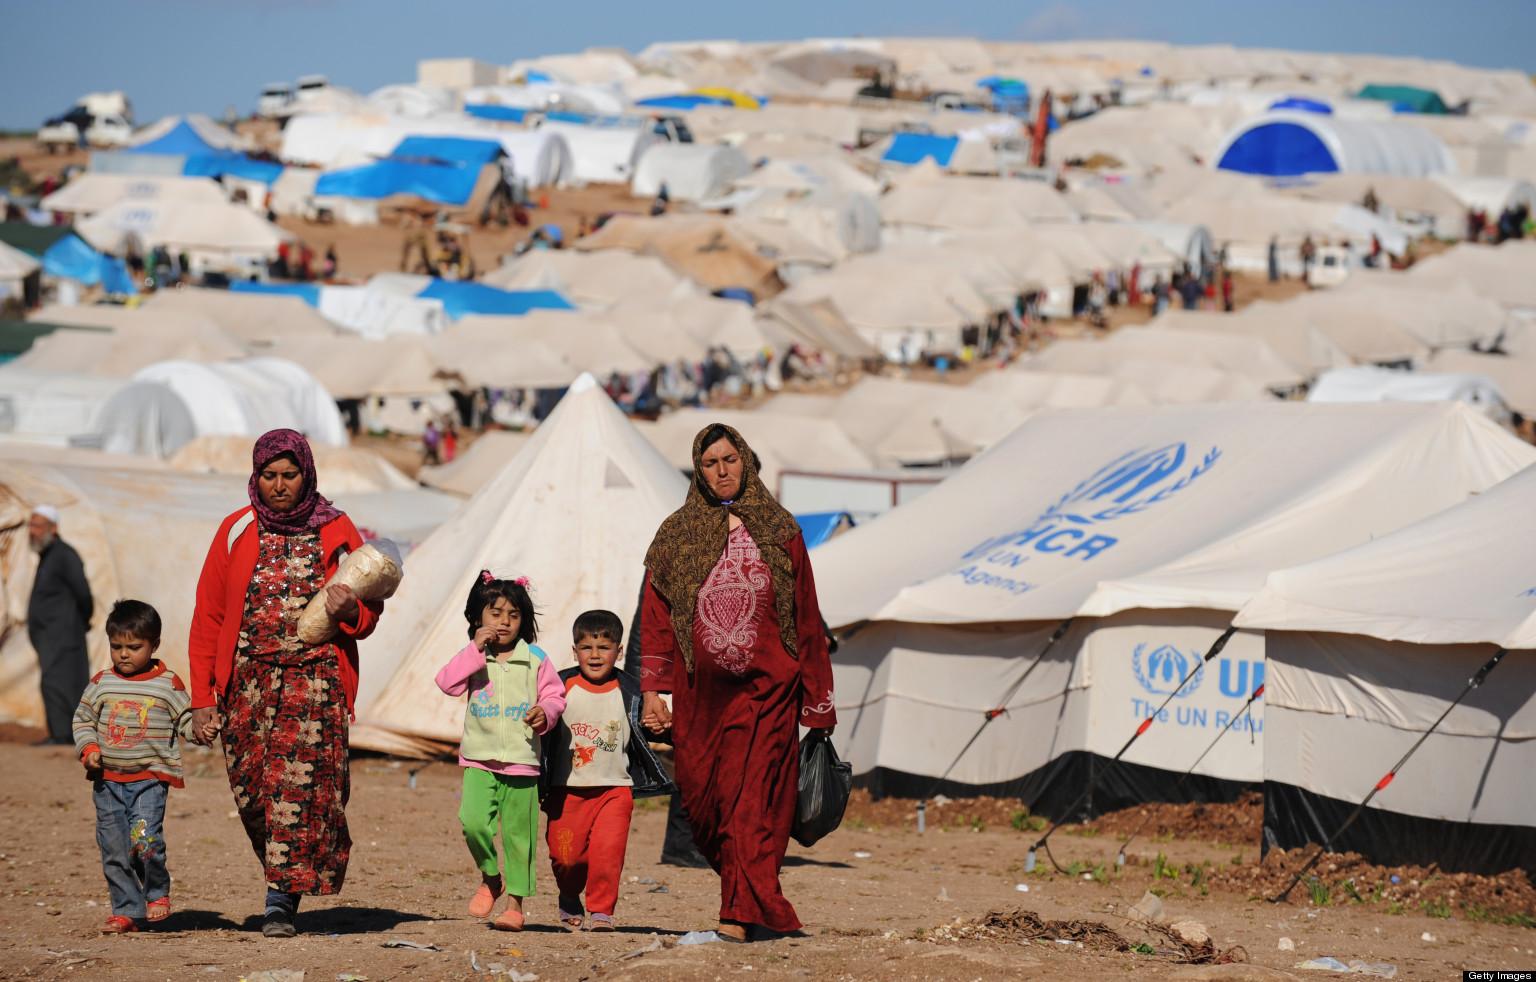 بالصور صور عن سوريا , صور قاسيه من سوريا الحبيبه 2901 11